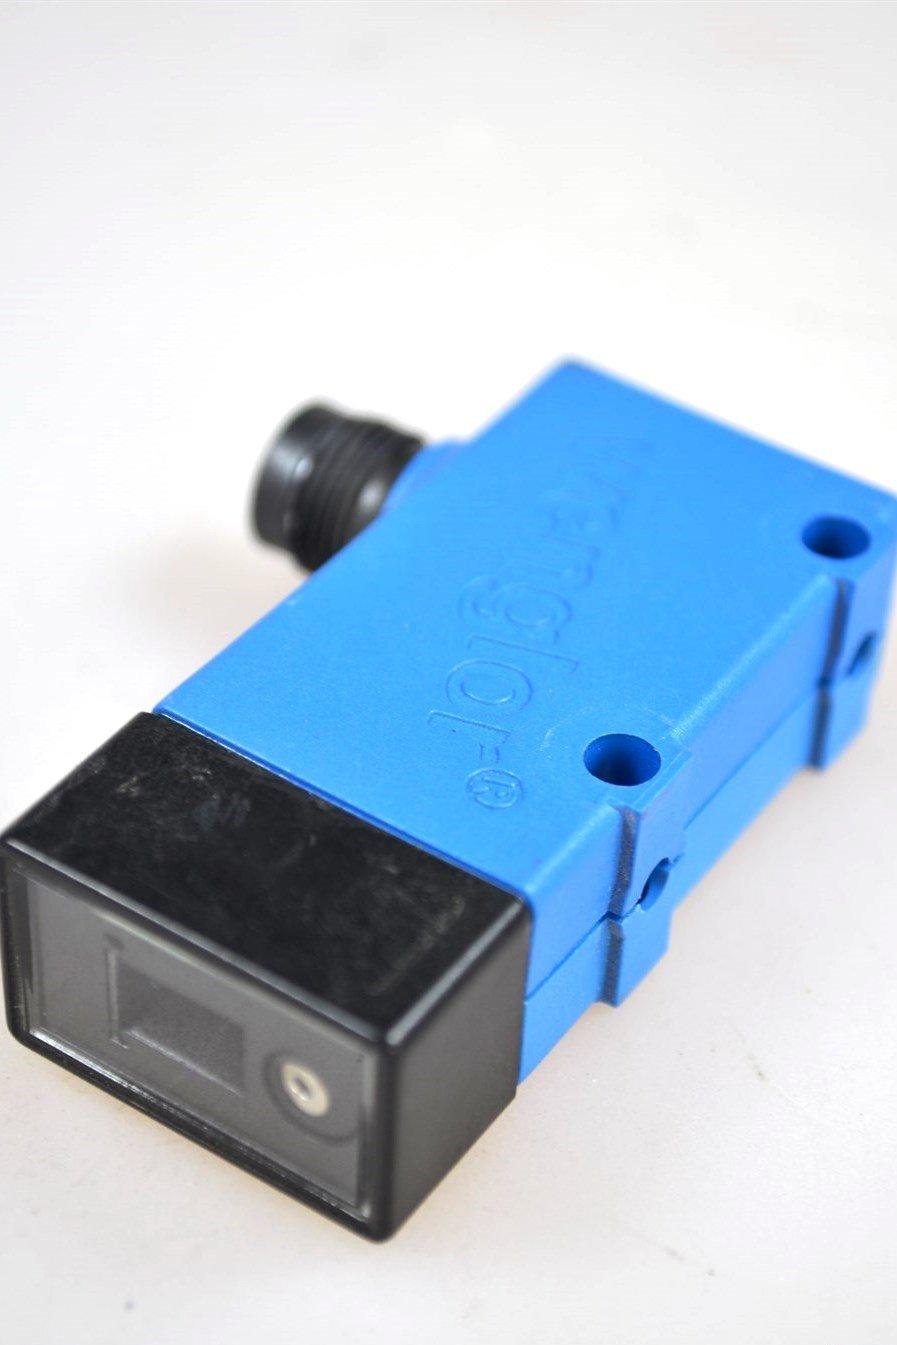 wenglor gm04vc2, brillo Sensor/Brightness Detector: Amazon.es: Industria, empresas y ciencia